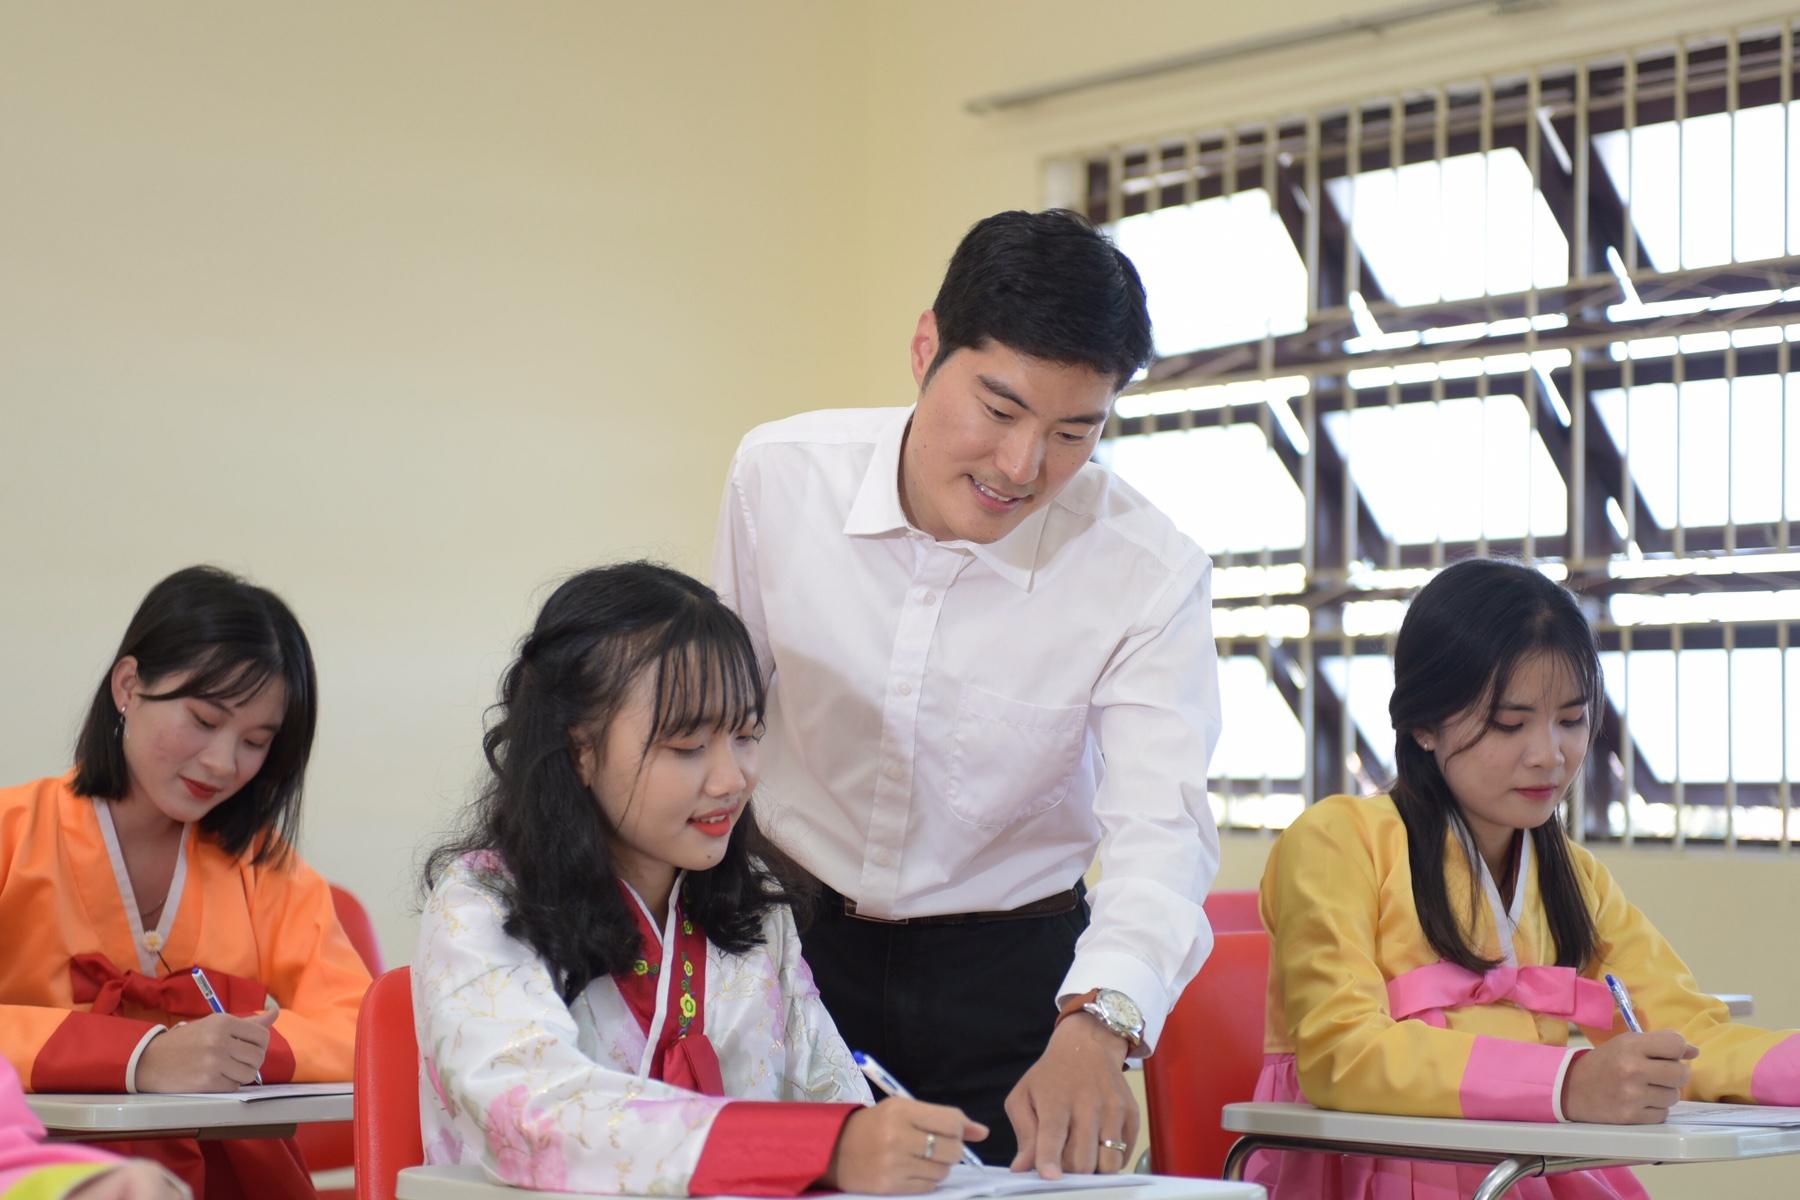 Ngành Hàn Quốc học là gì? Học gì, ra trường làm gì, ở đâu ...